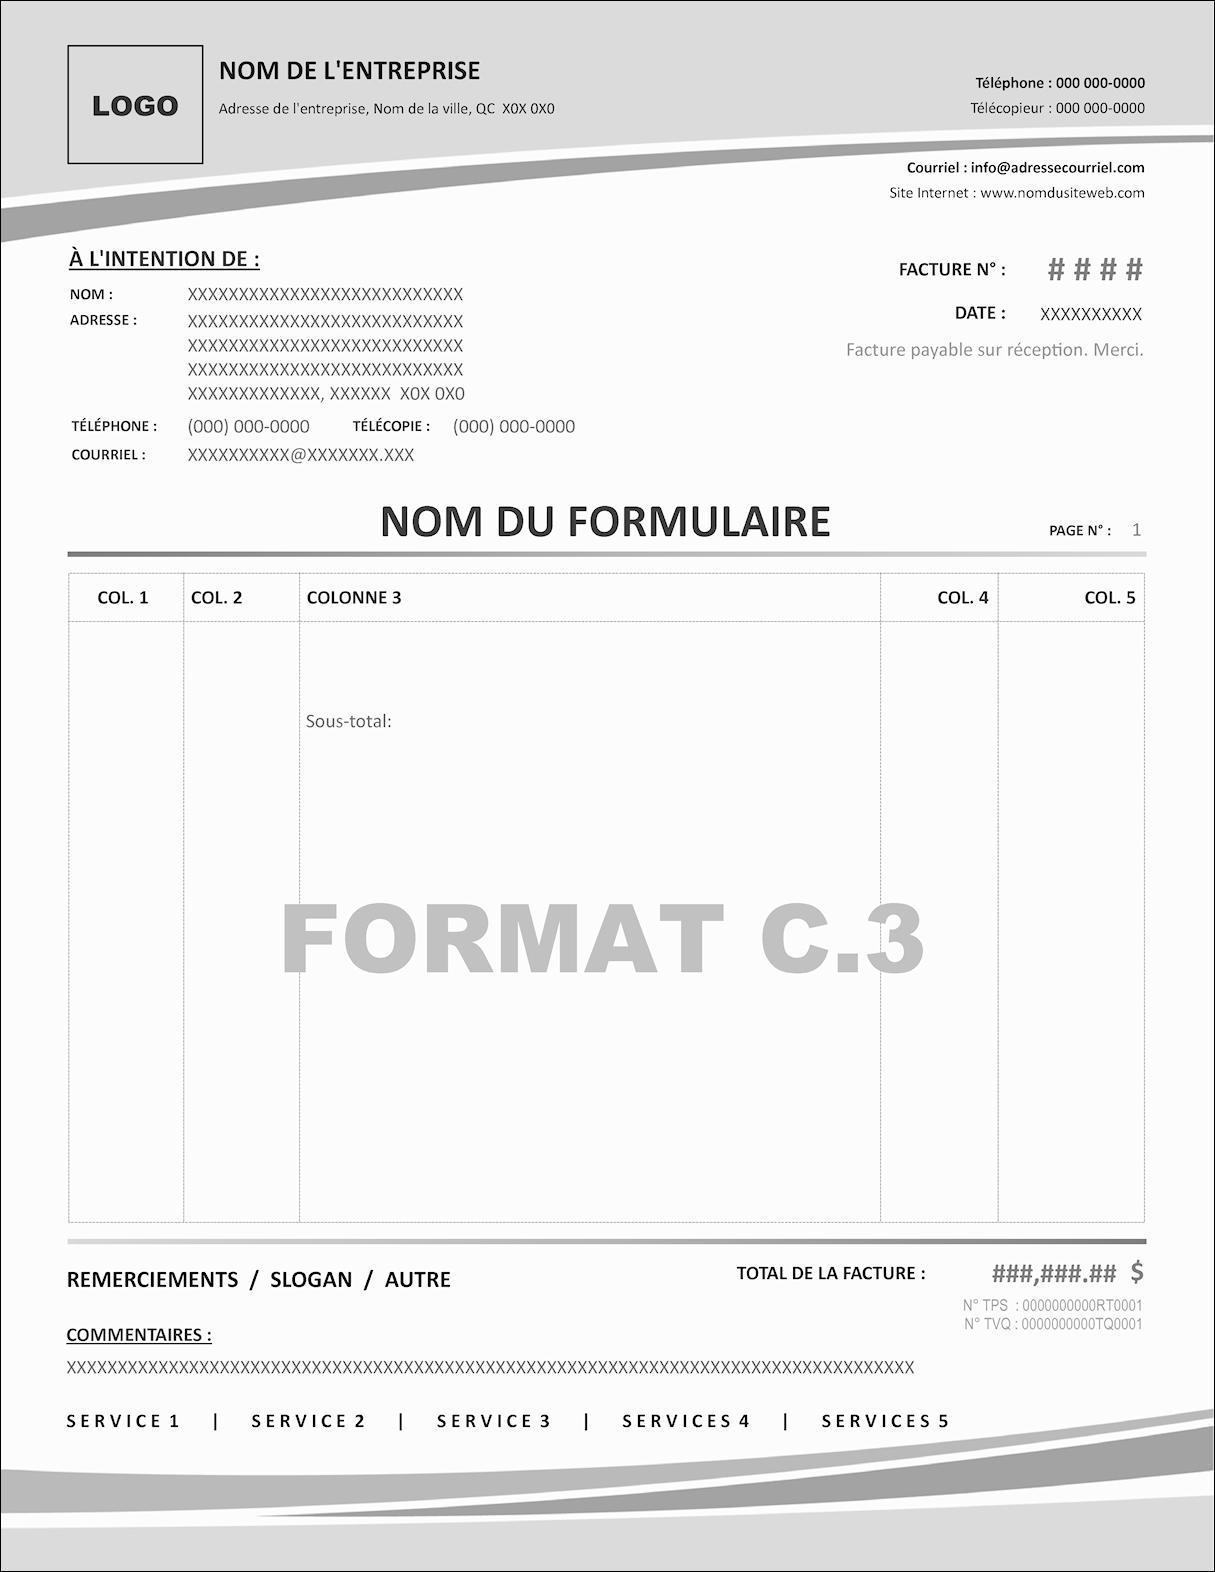 FORMAT C.3